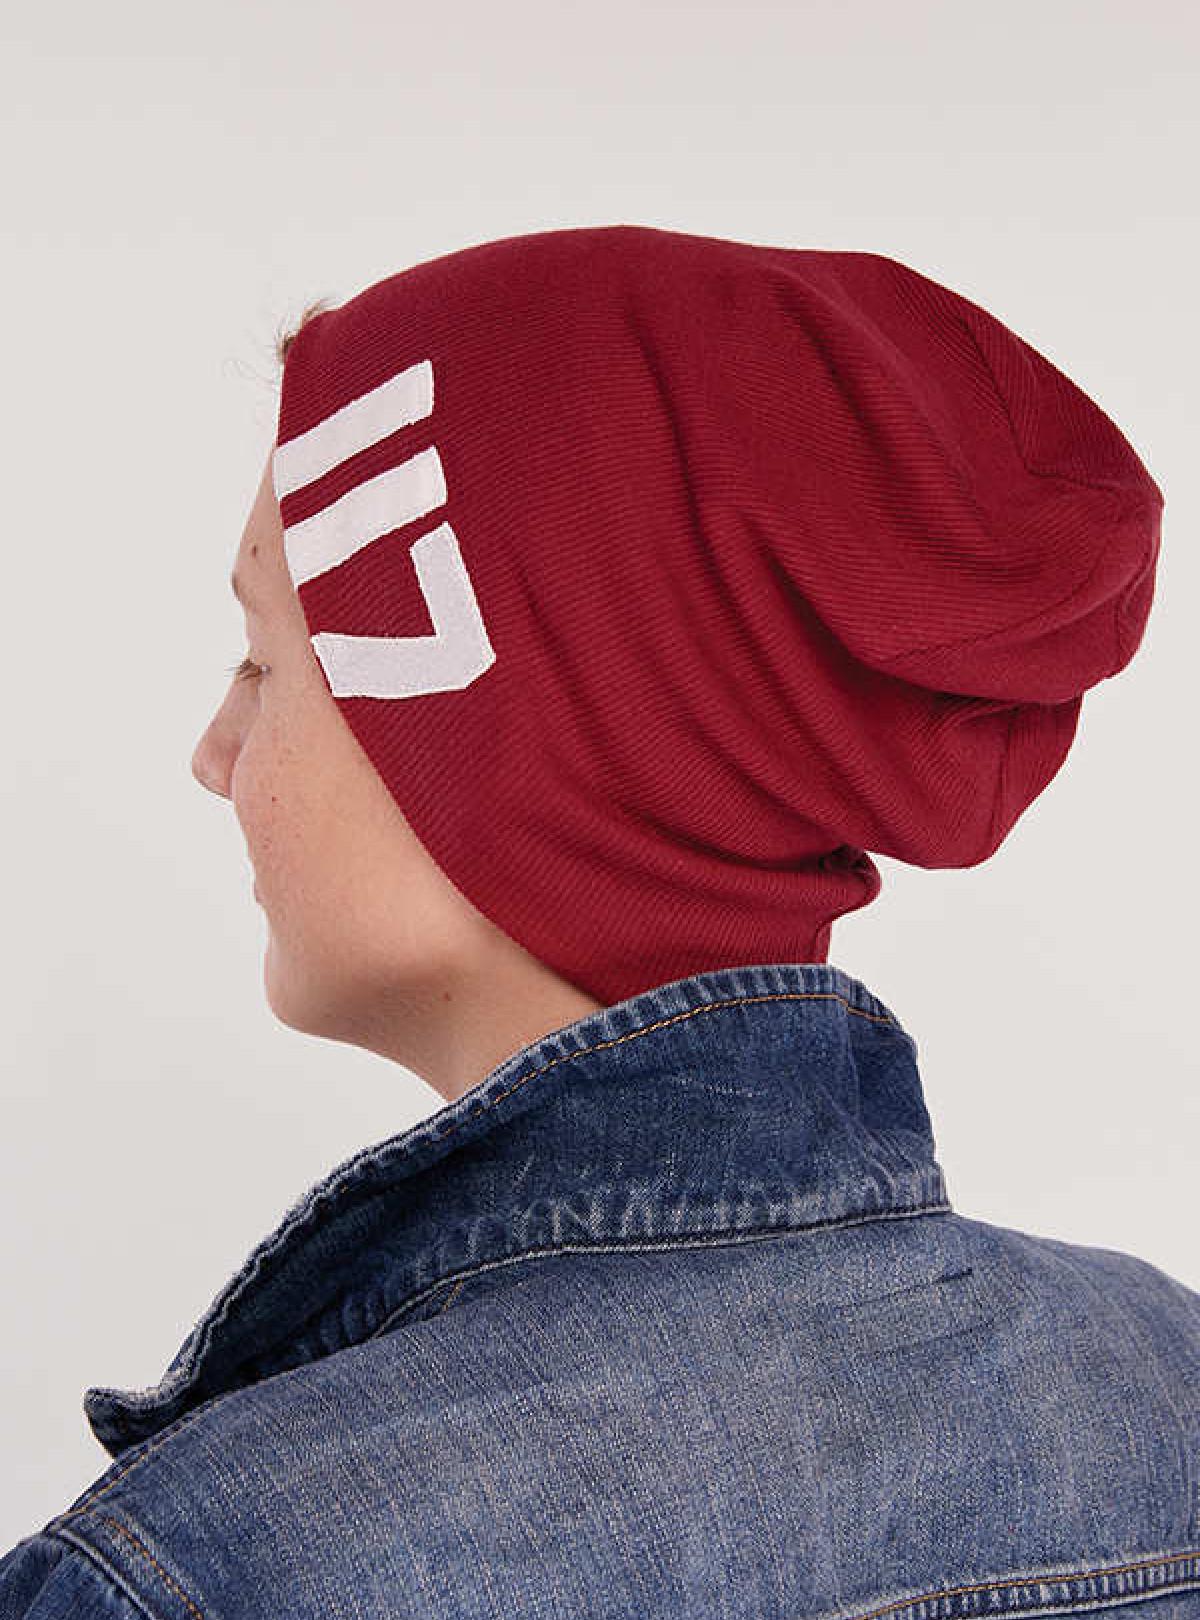 Осіння шапка Айзек бордо DemboHouse 577